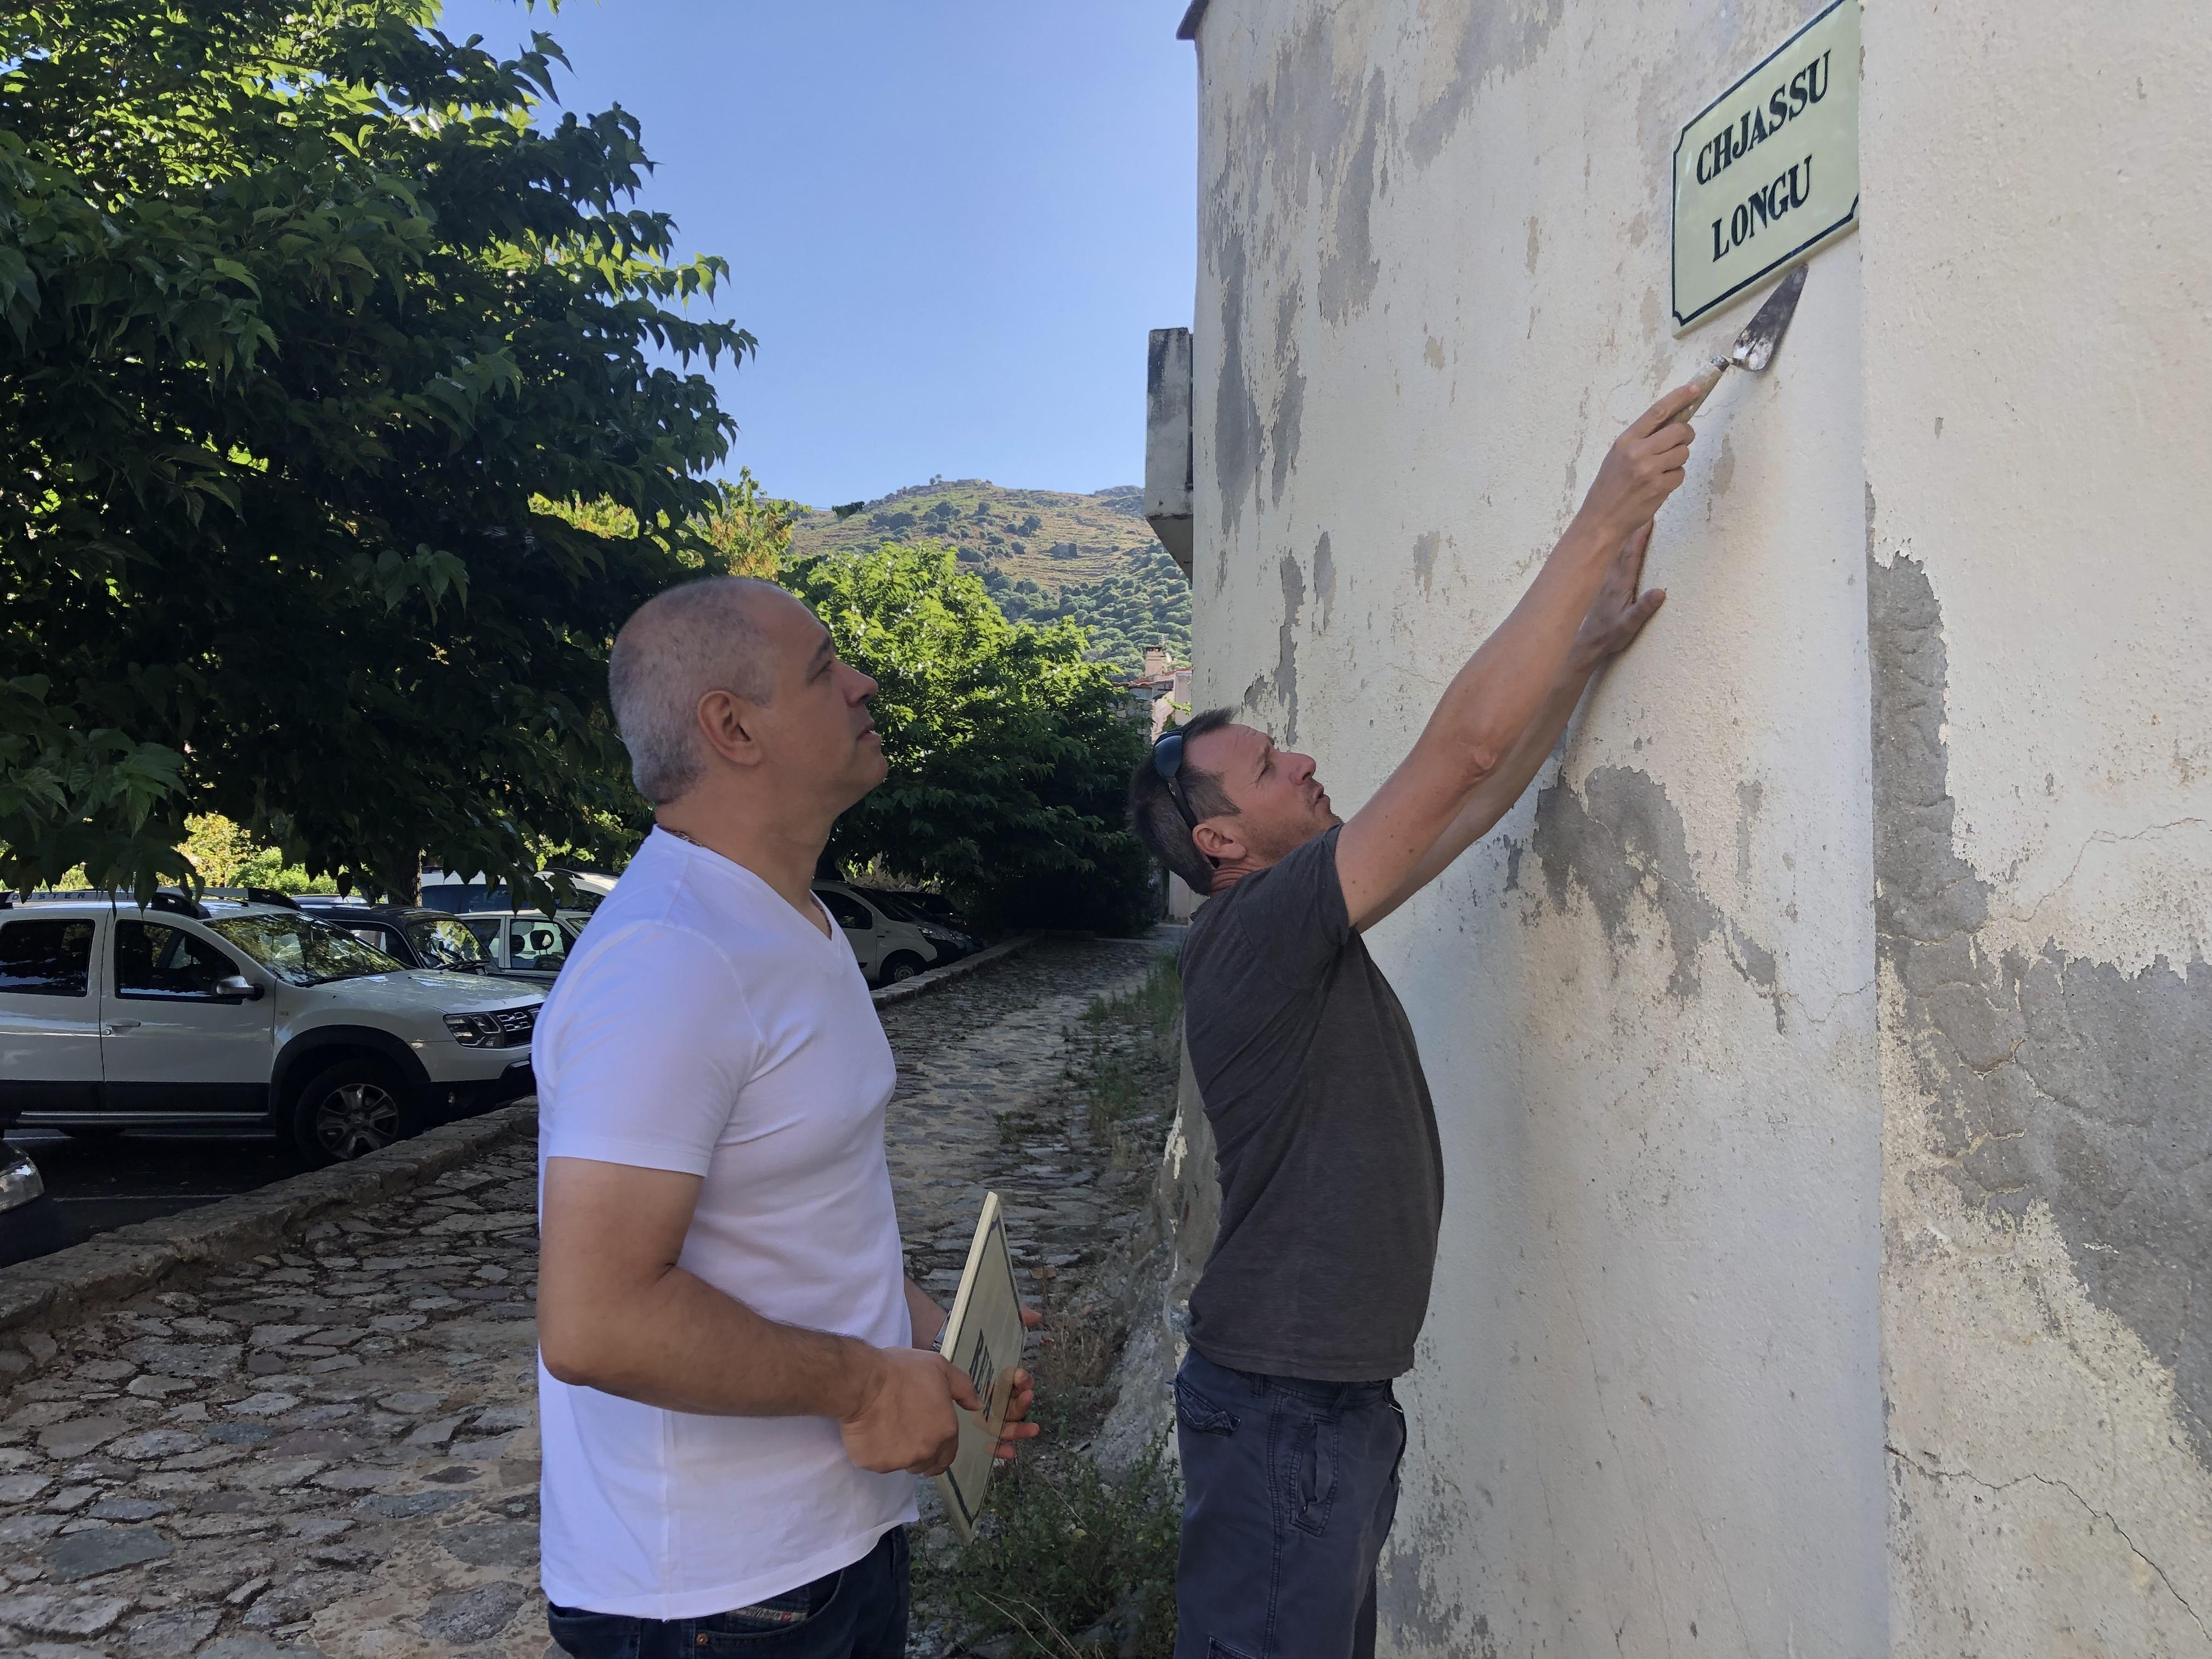 Mémoire des noms de rues perpétuée à Montegrossu